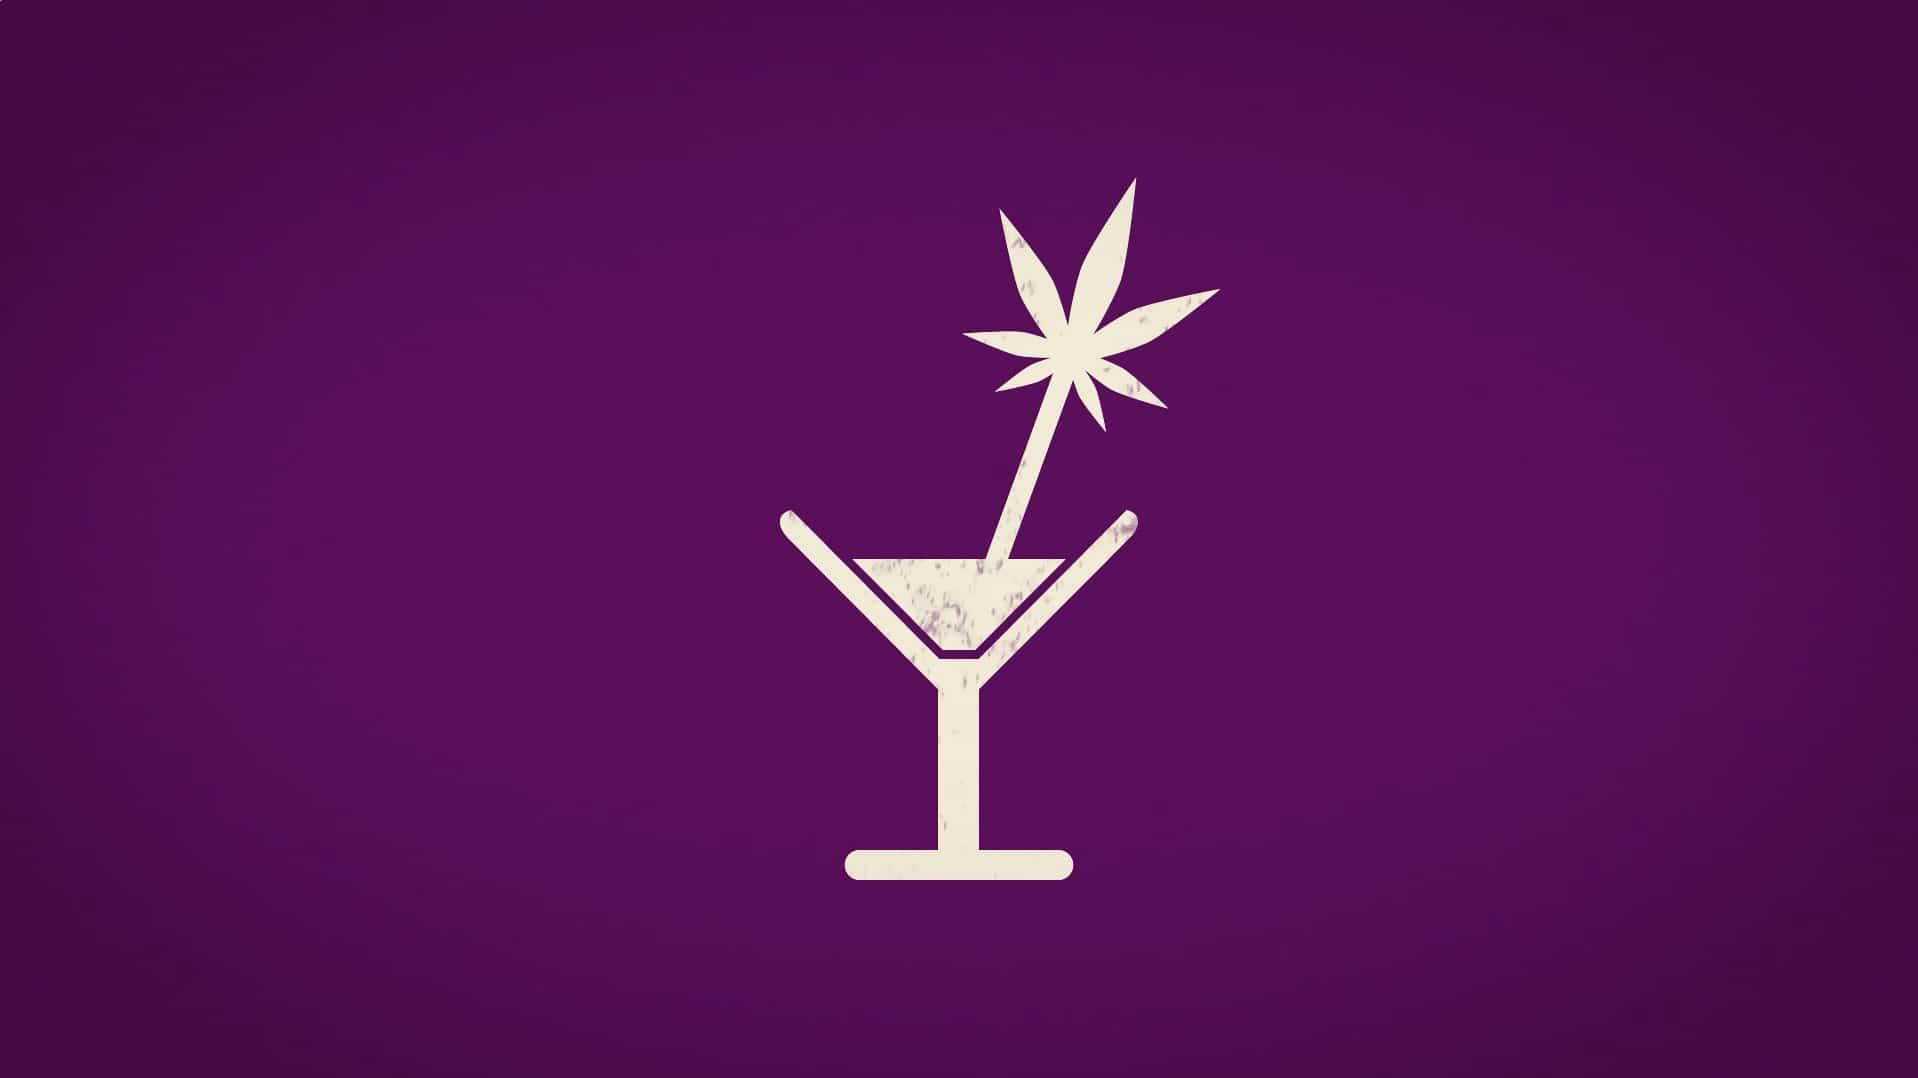 Verre de cocktail avec une paille en forme de feuille de cannabis